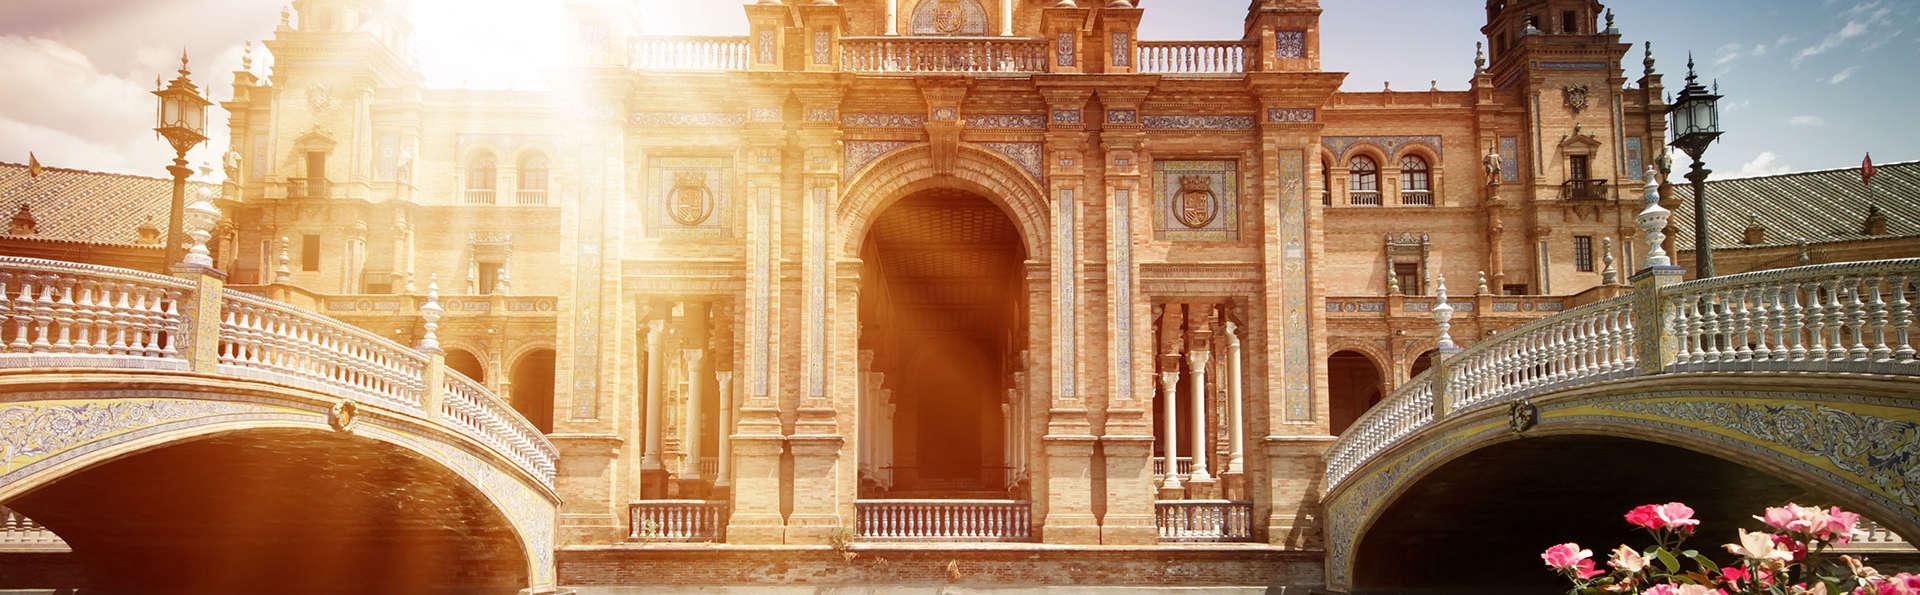 Hotel Palace Sevilla - EDIT_SEVILLA2.jpg